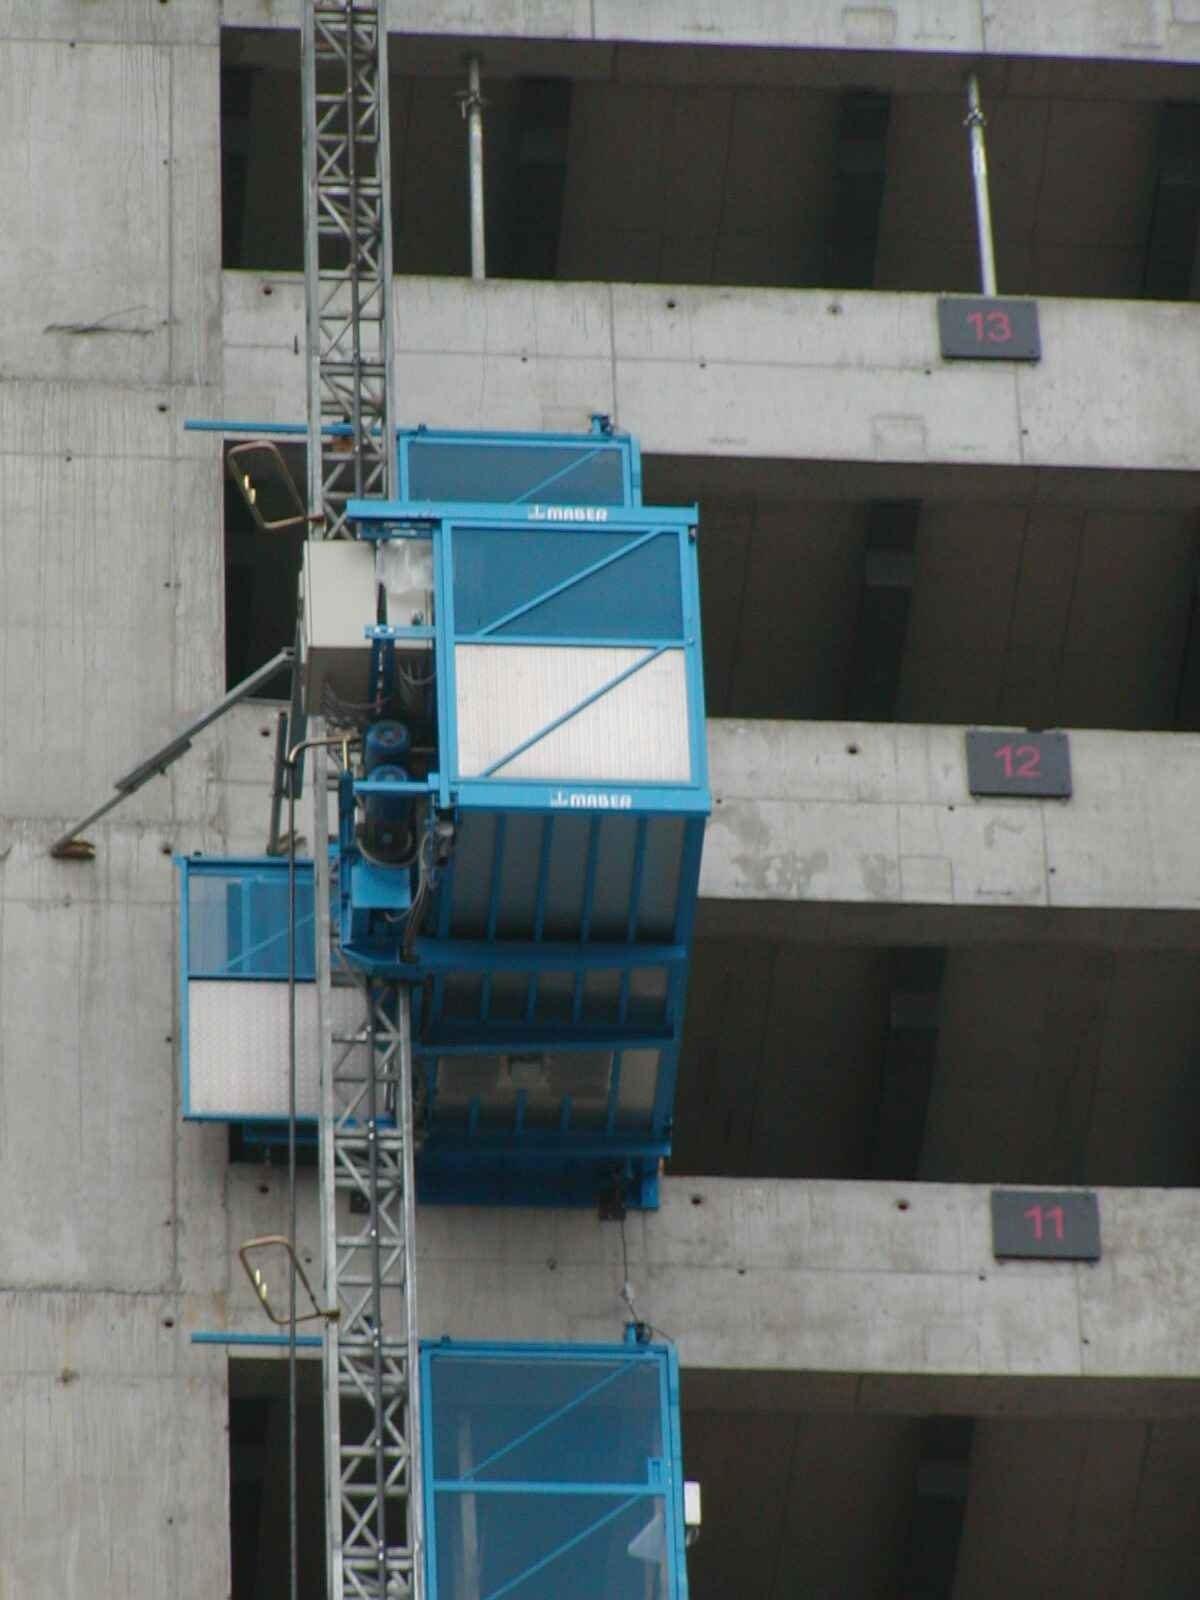 г. Киев, Мачтовый подъёмник Maber. Строительство многоэтажного дома